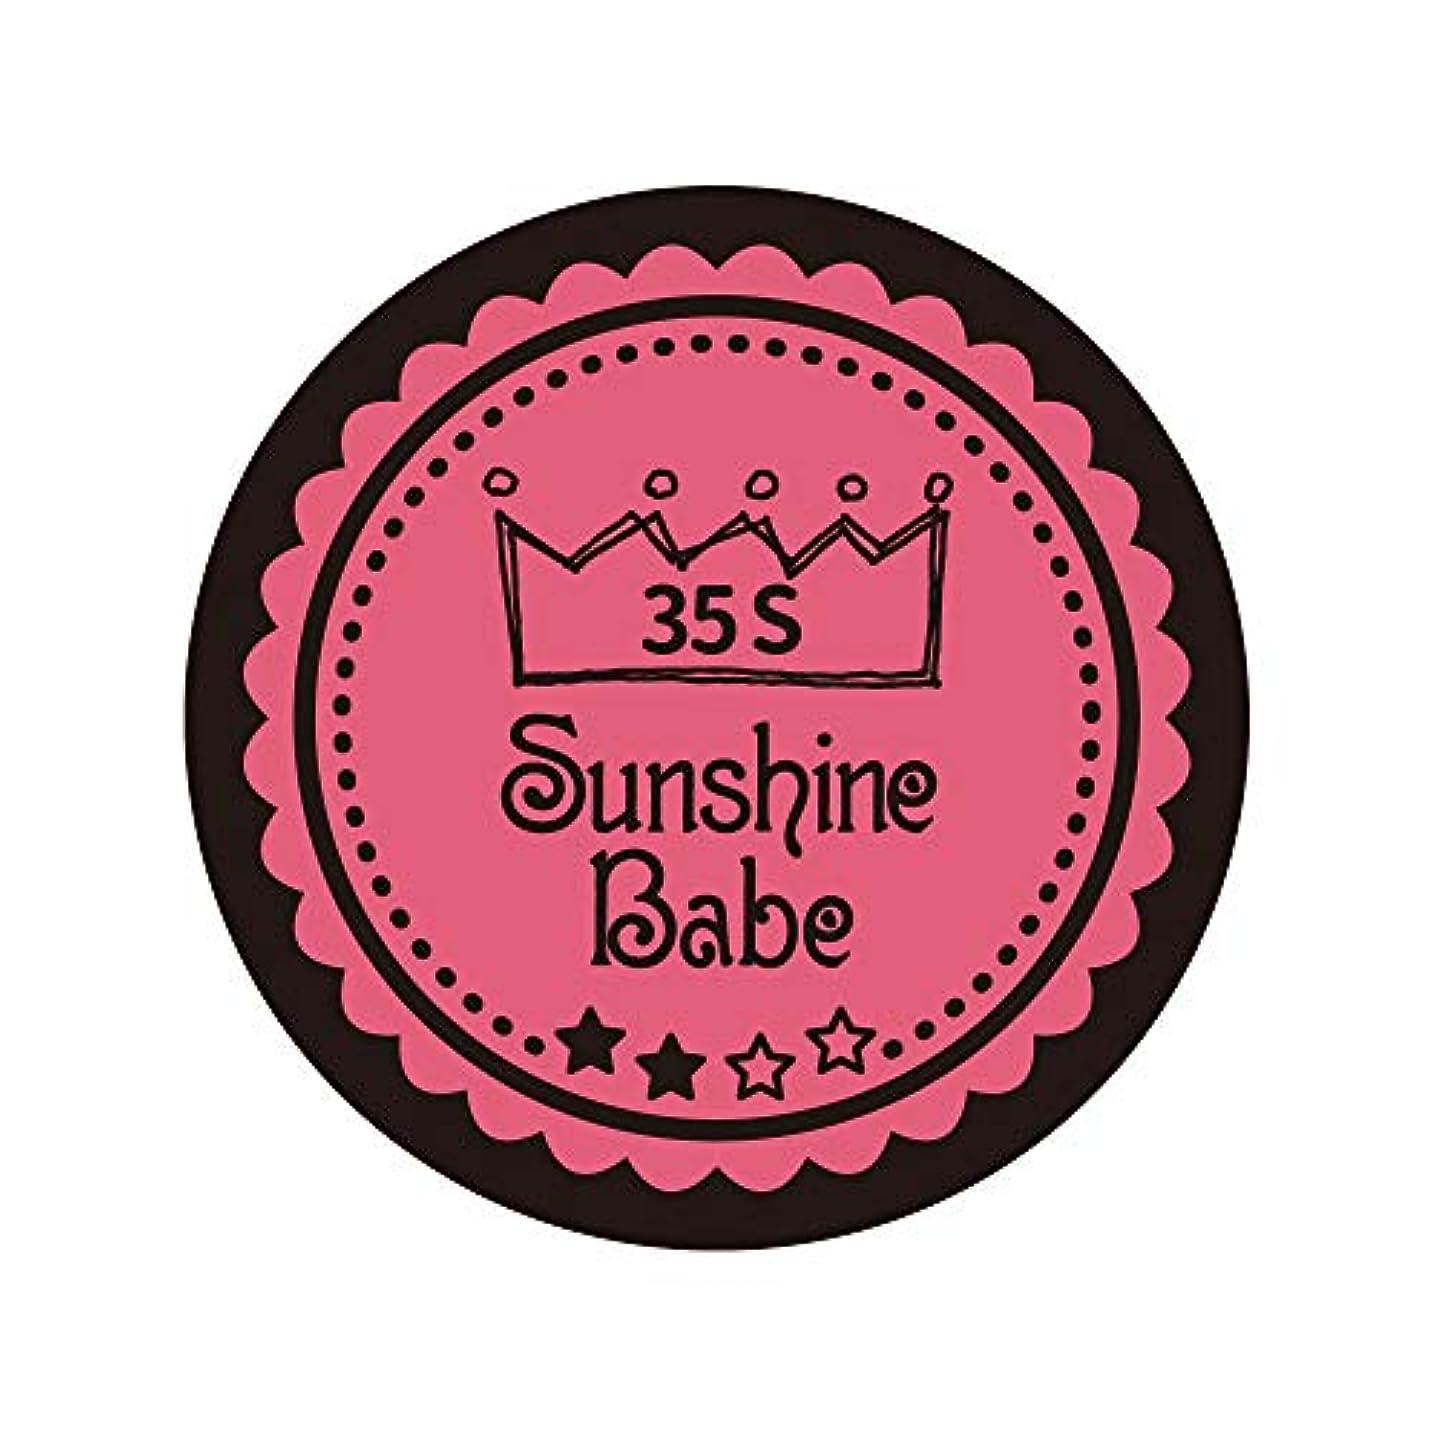 ドロップ夜明けに恥Sunshine Babe カラージェル 35S ローズピンク 4g UV/LED対応